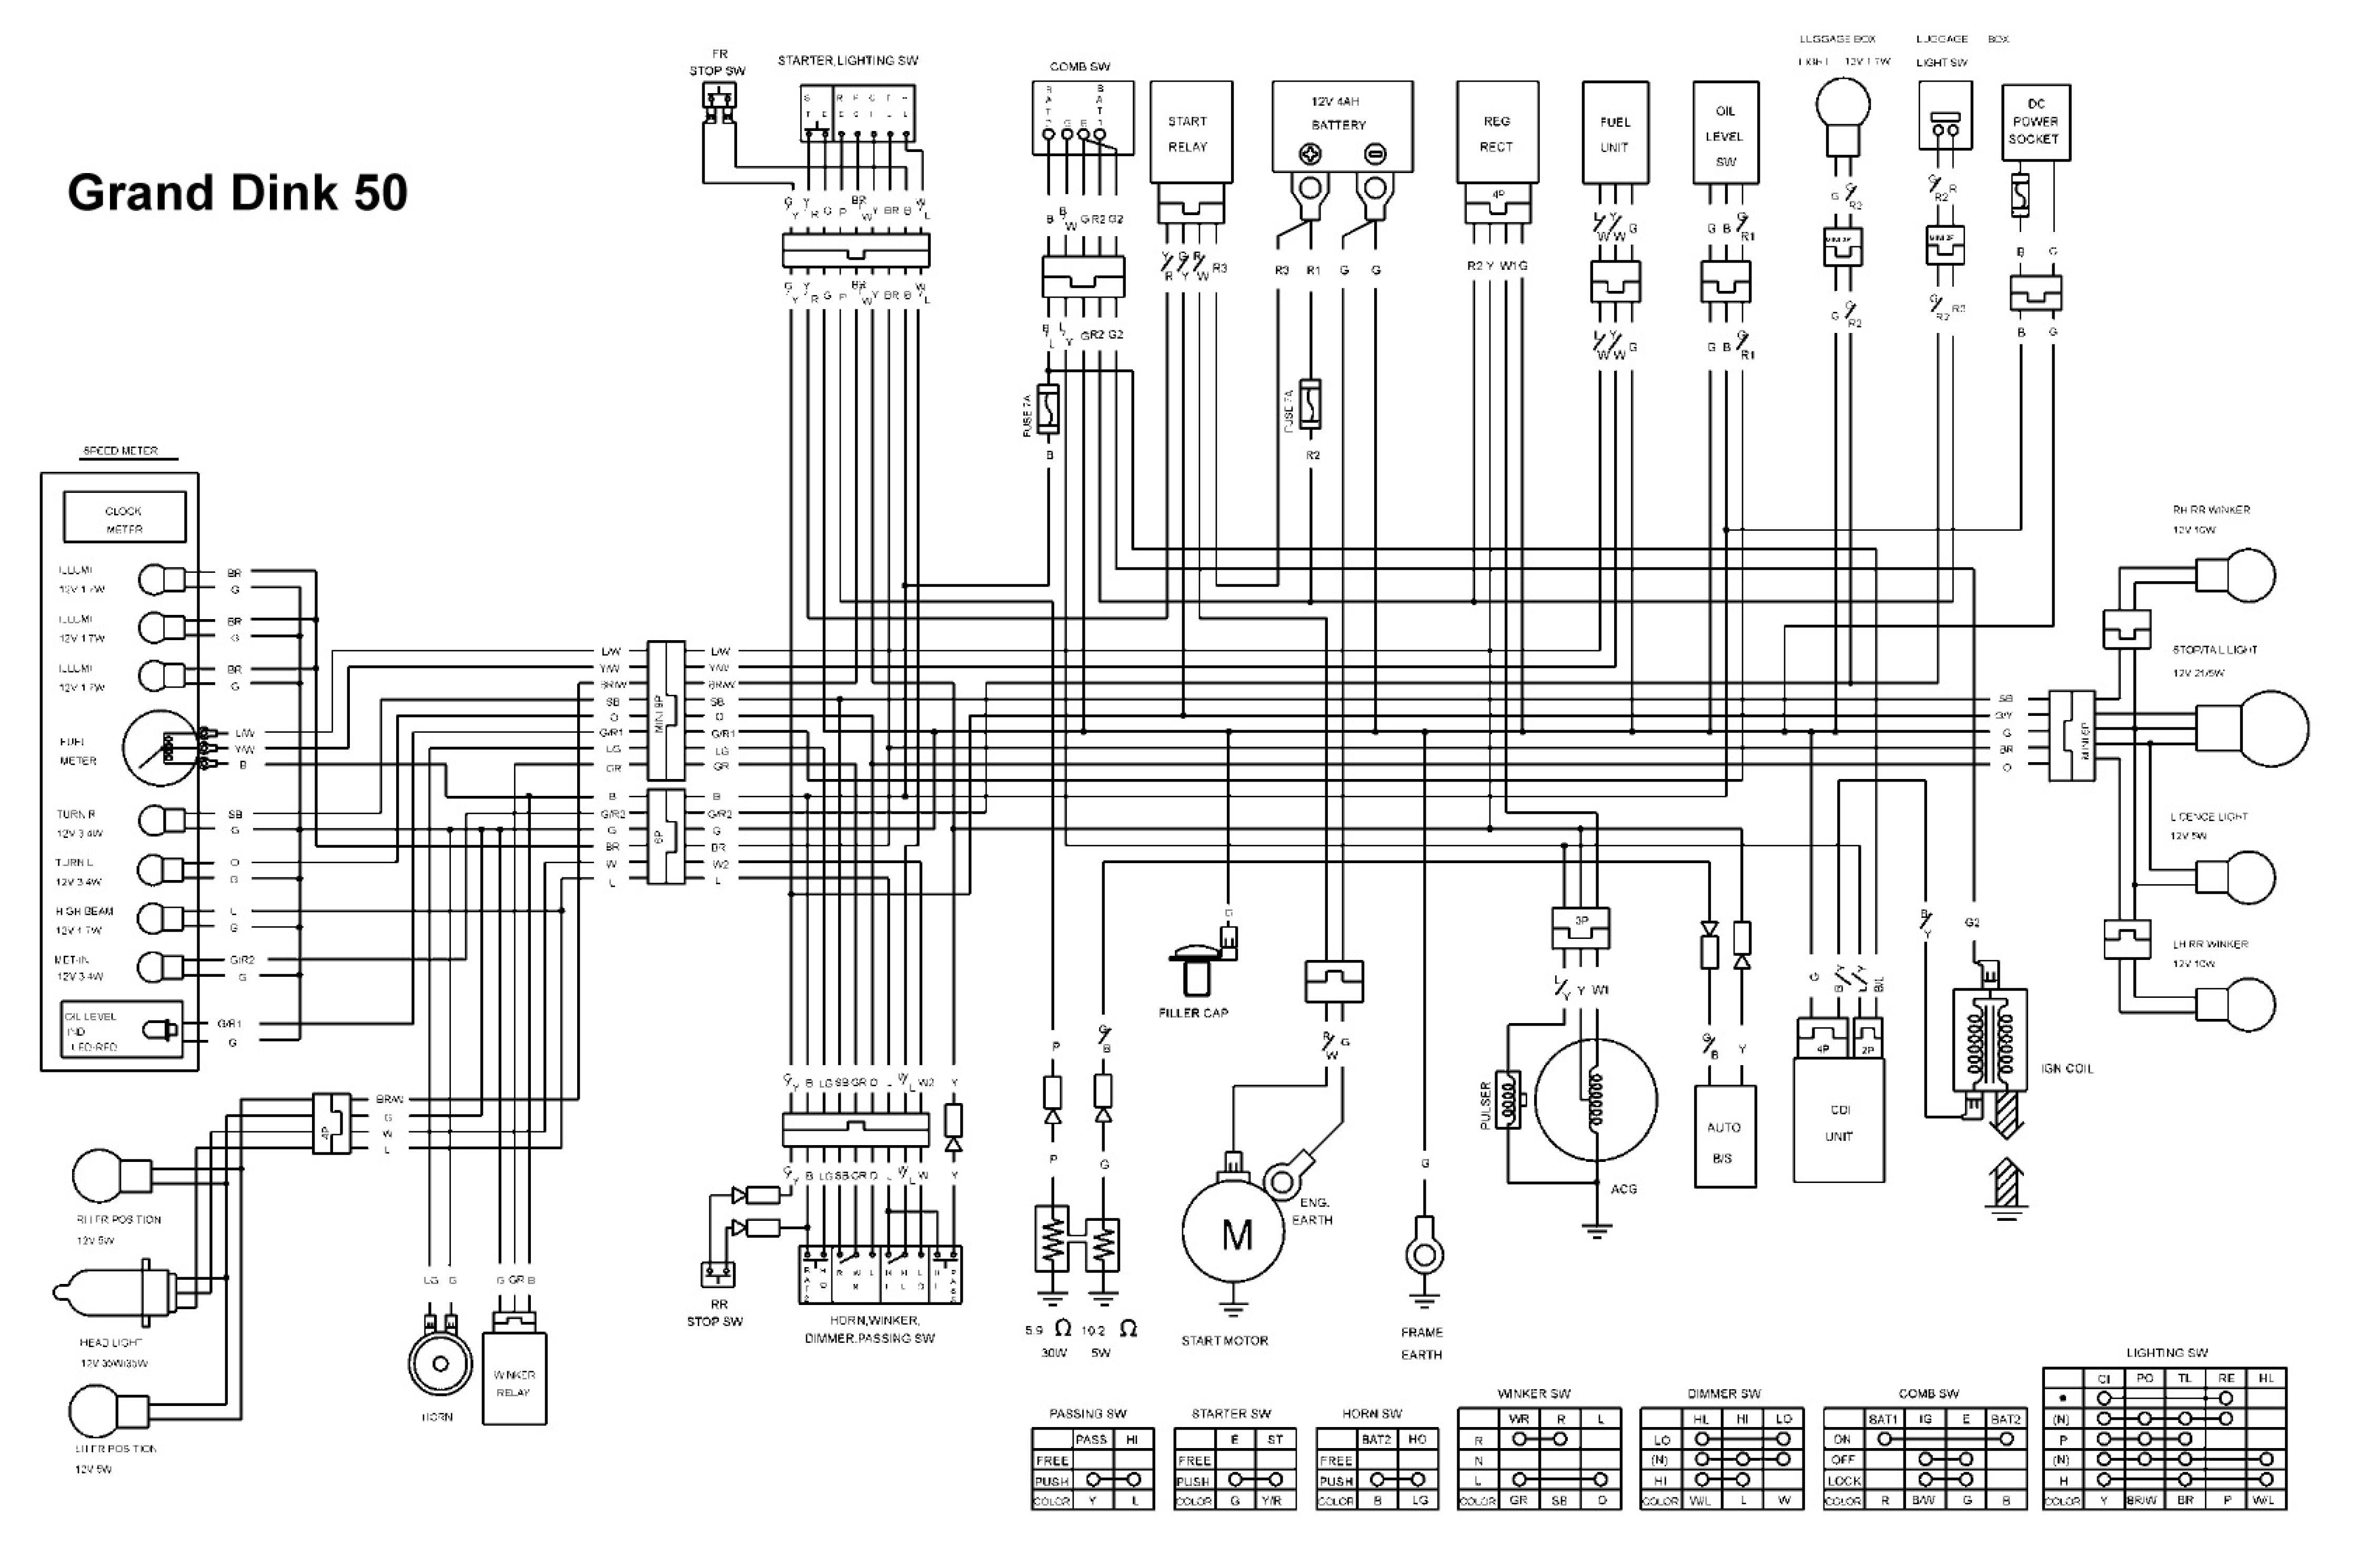 kymco people 50 engine diagram john deere engine diagram